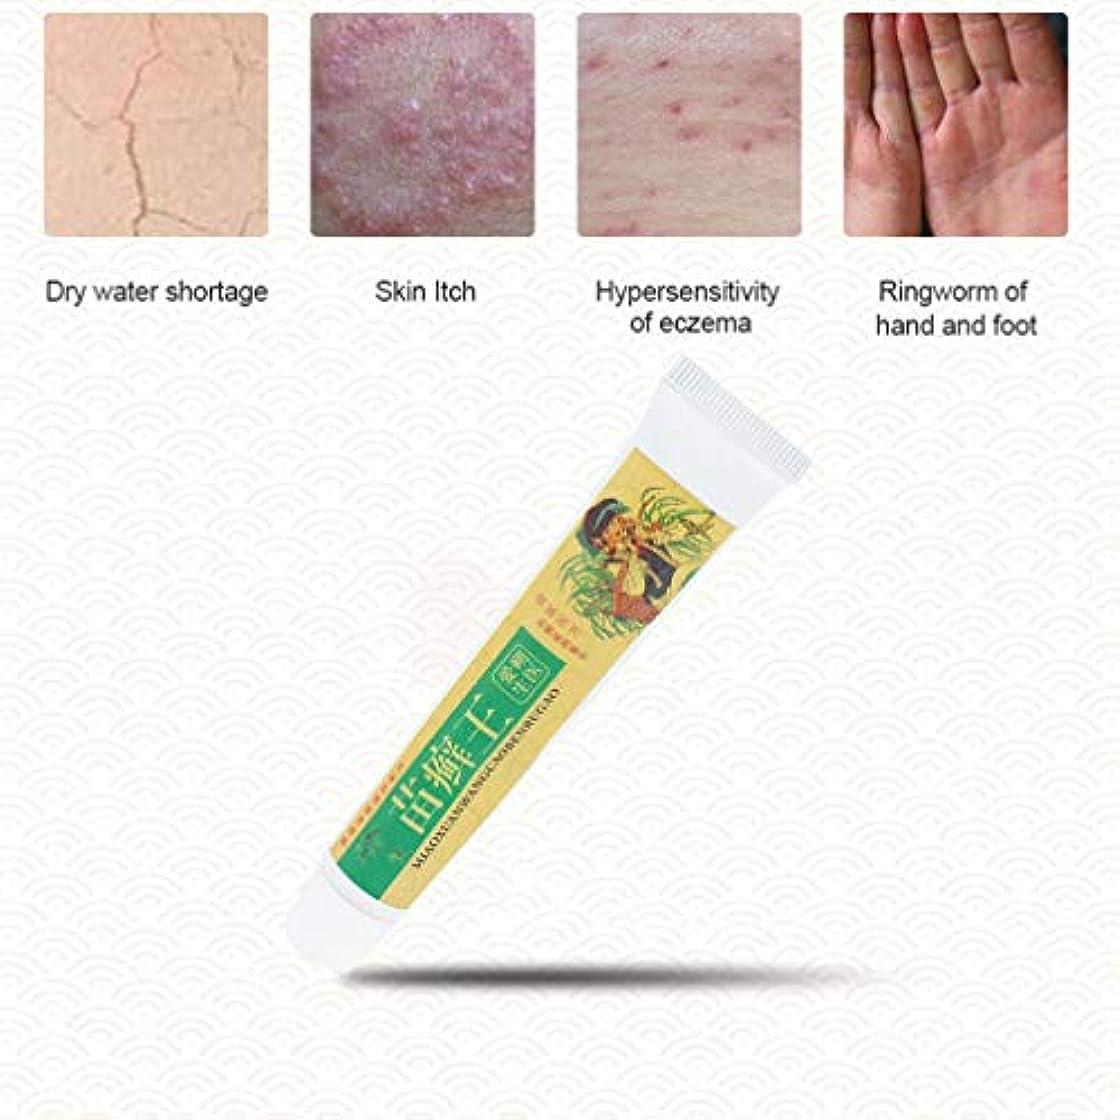 睡眠禁じる挨拶する草のかゆみ止めのクリームの医学の皮膚炎の処置ボディスキンケア